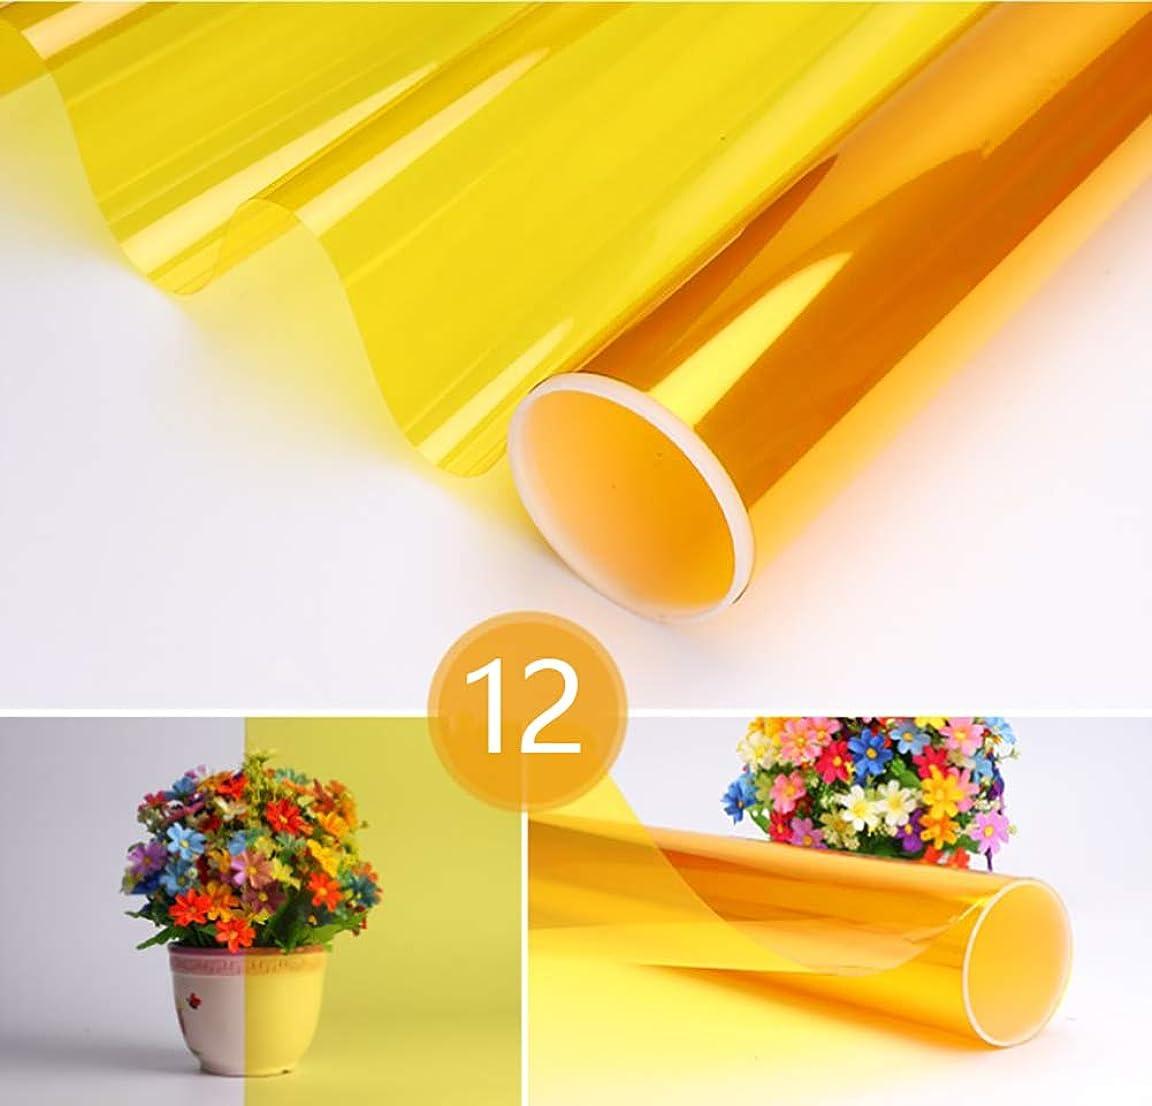 め言葉トリッキー協同自己接着 色 ウィンドウフィルム、 100%遮光 飾る 熱制御 アンチUV ガラスの色合い- に最適 自宅および会社のオフィスの窓,12,120x100cm